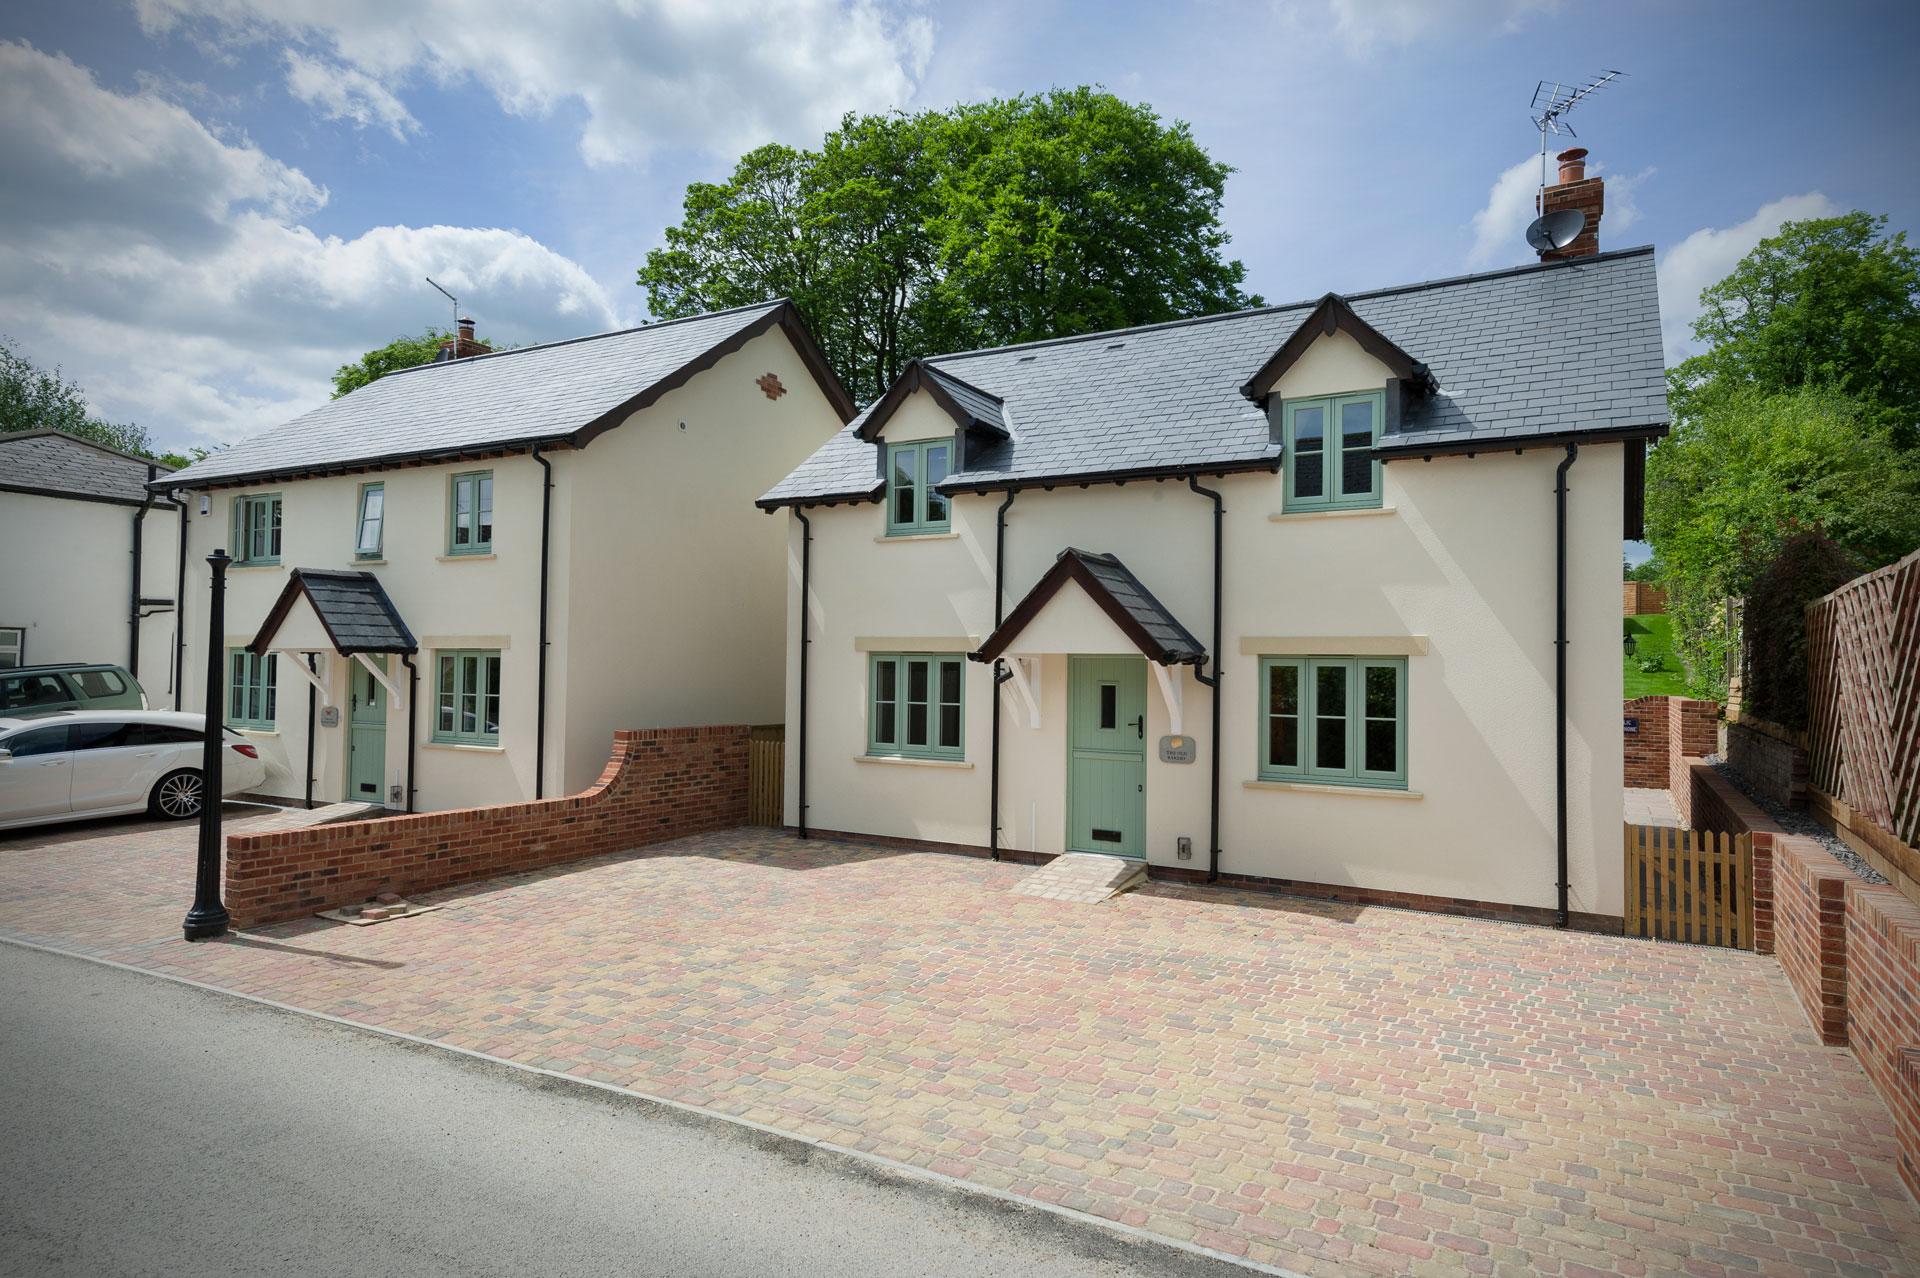 Double Glazing Options in Tewkesbury